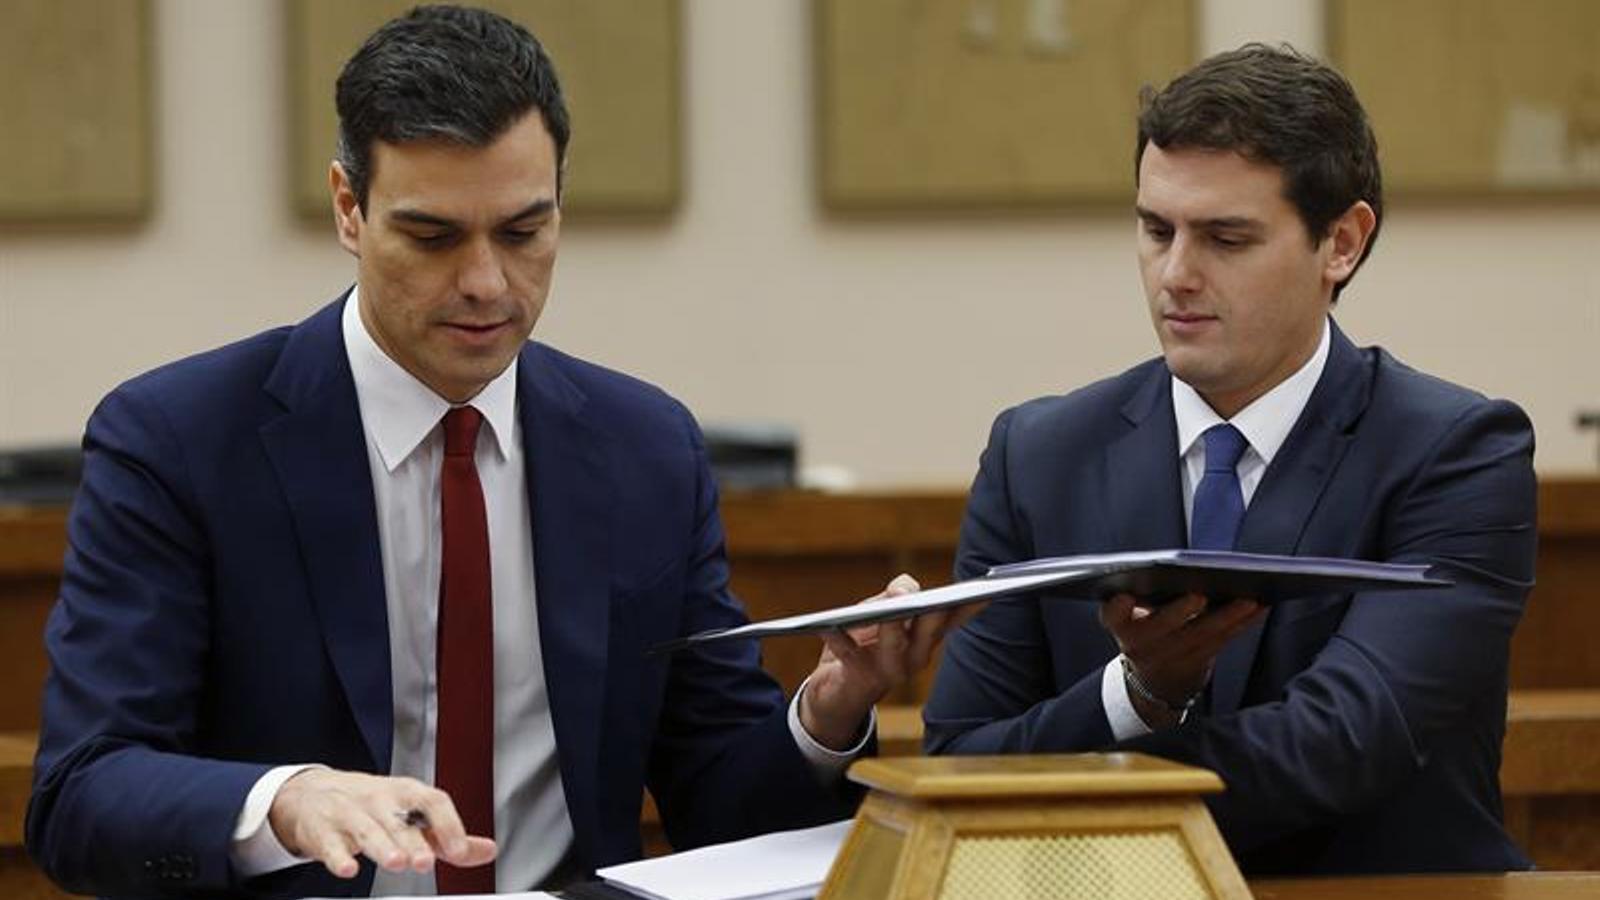 Pedro Sánchez i Albert Rivera en el moment de firmar un acord per a un govern reformista i de progrés